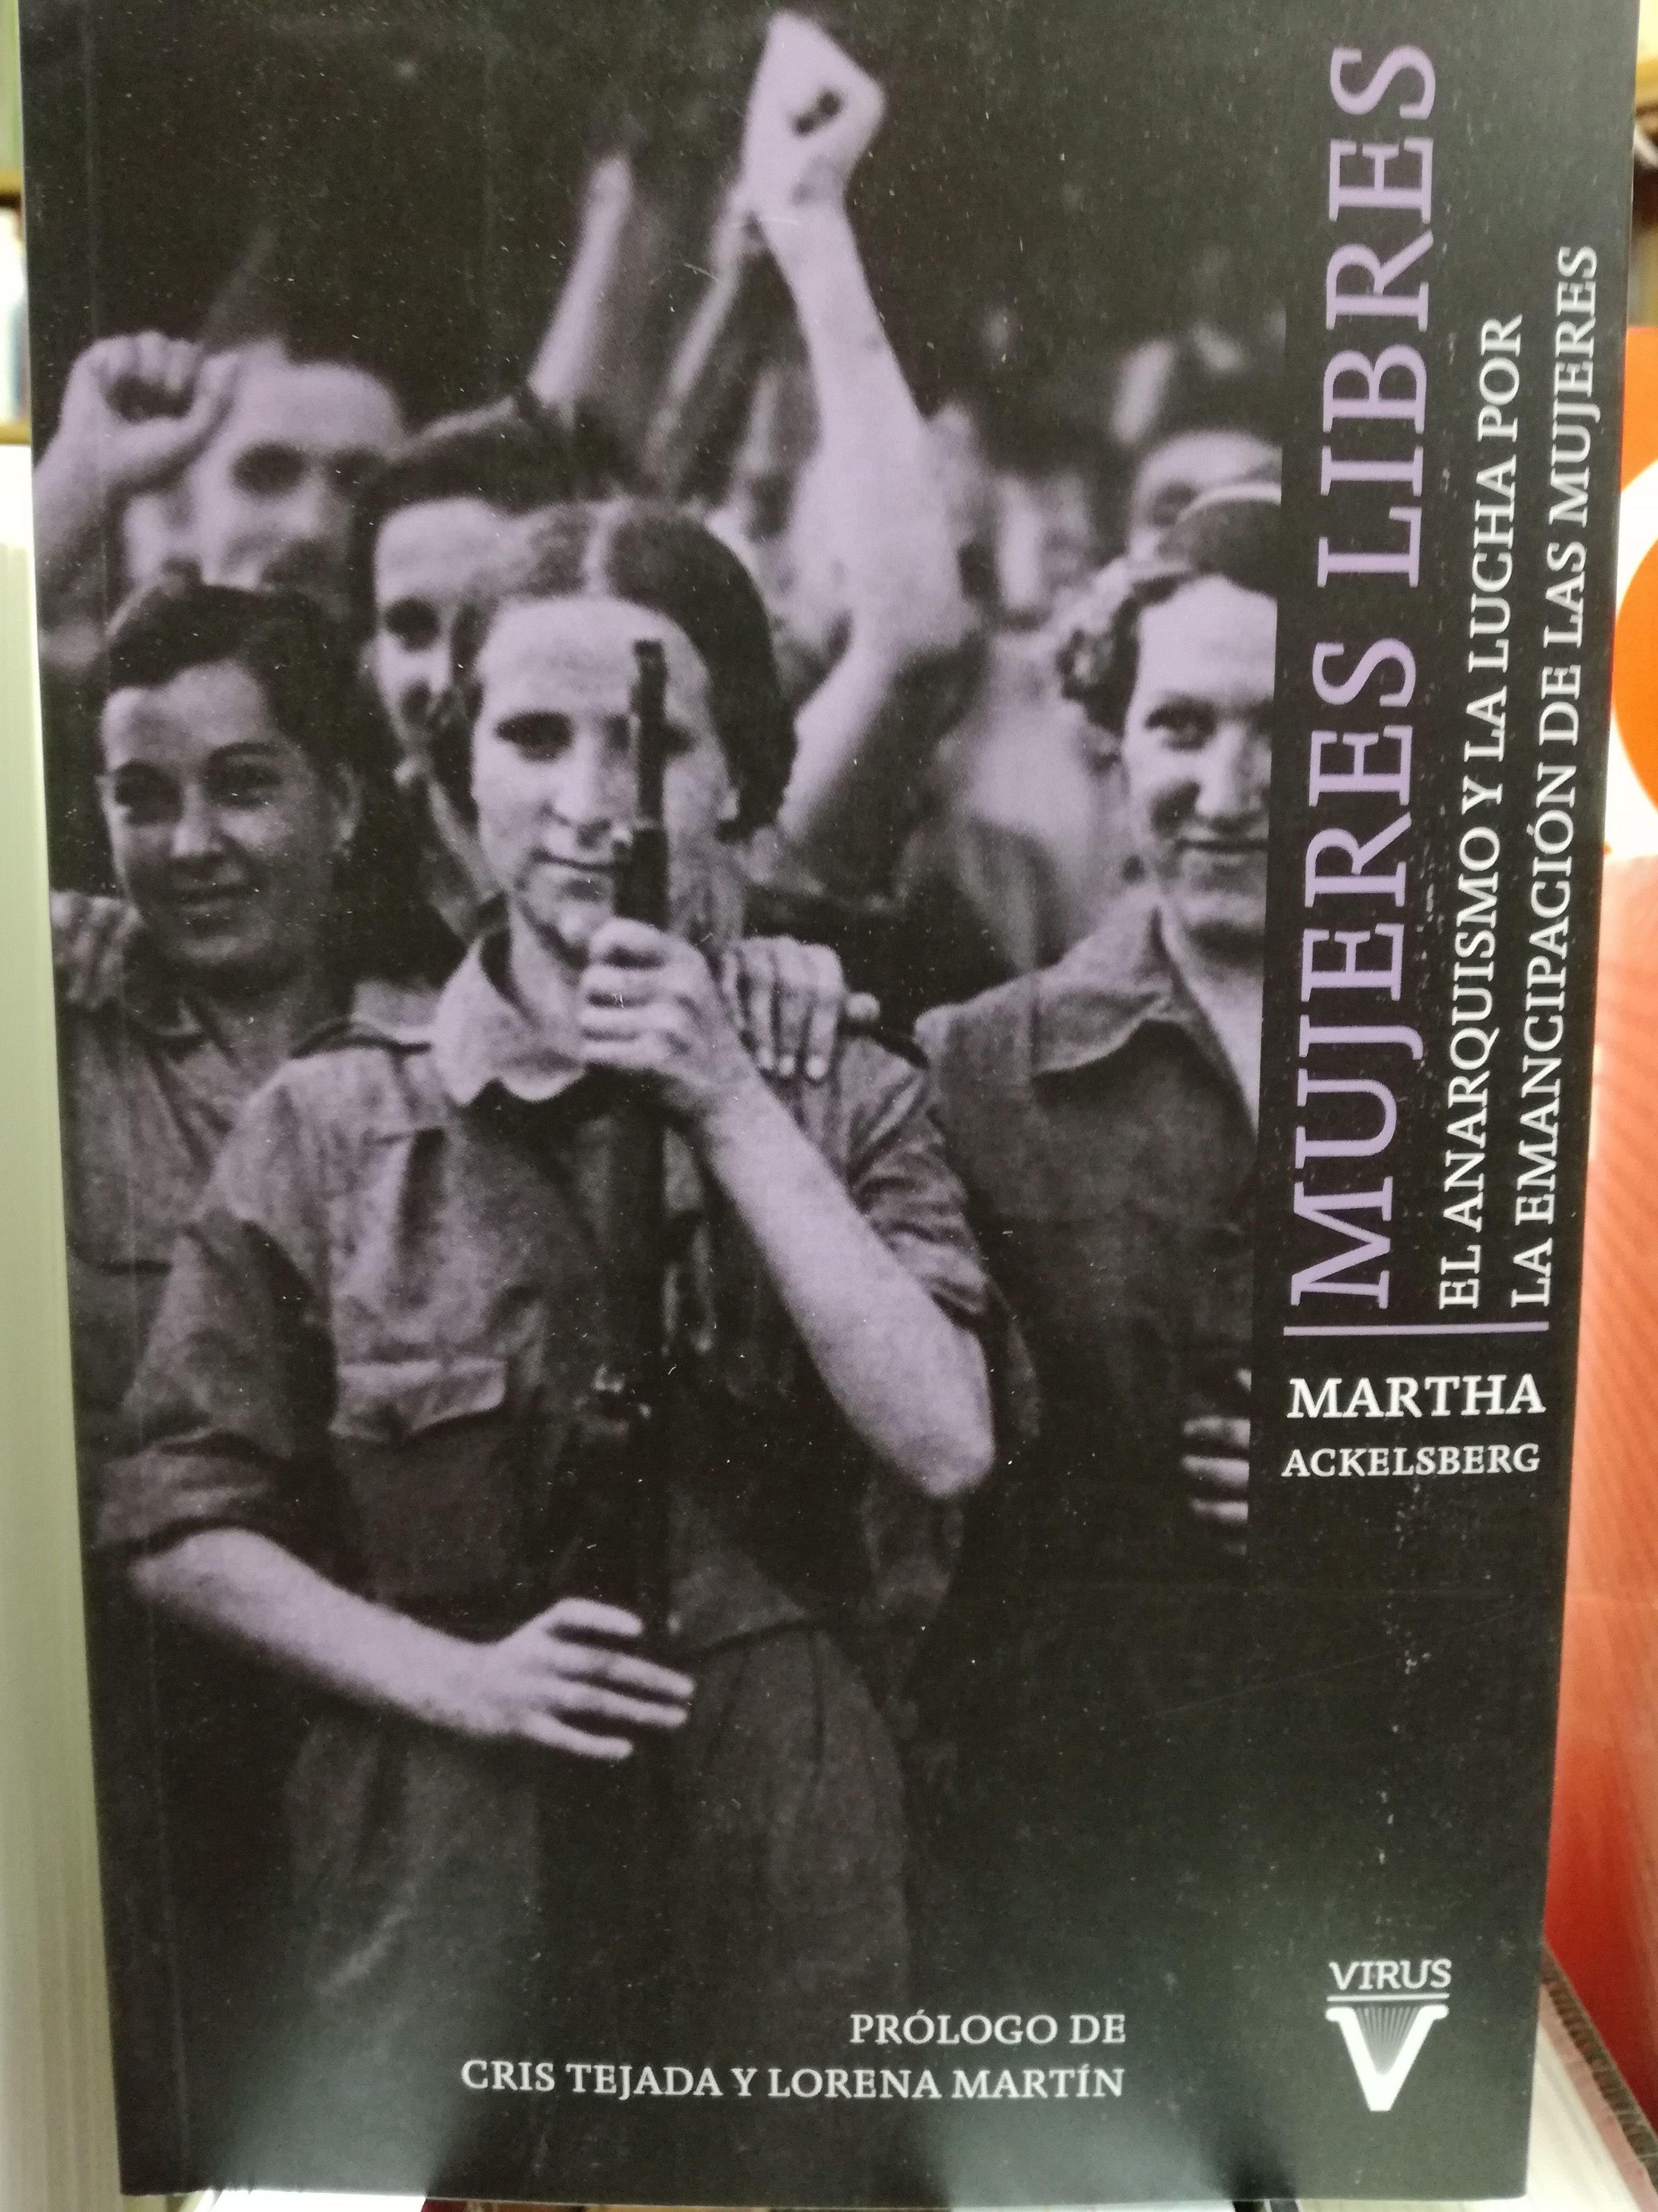 Mujeres Libres: SECCIONES de Librería Nueva Plaza Universitaria